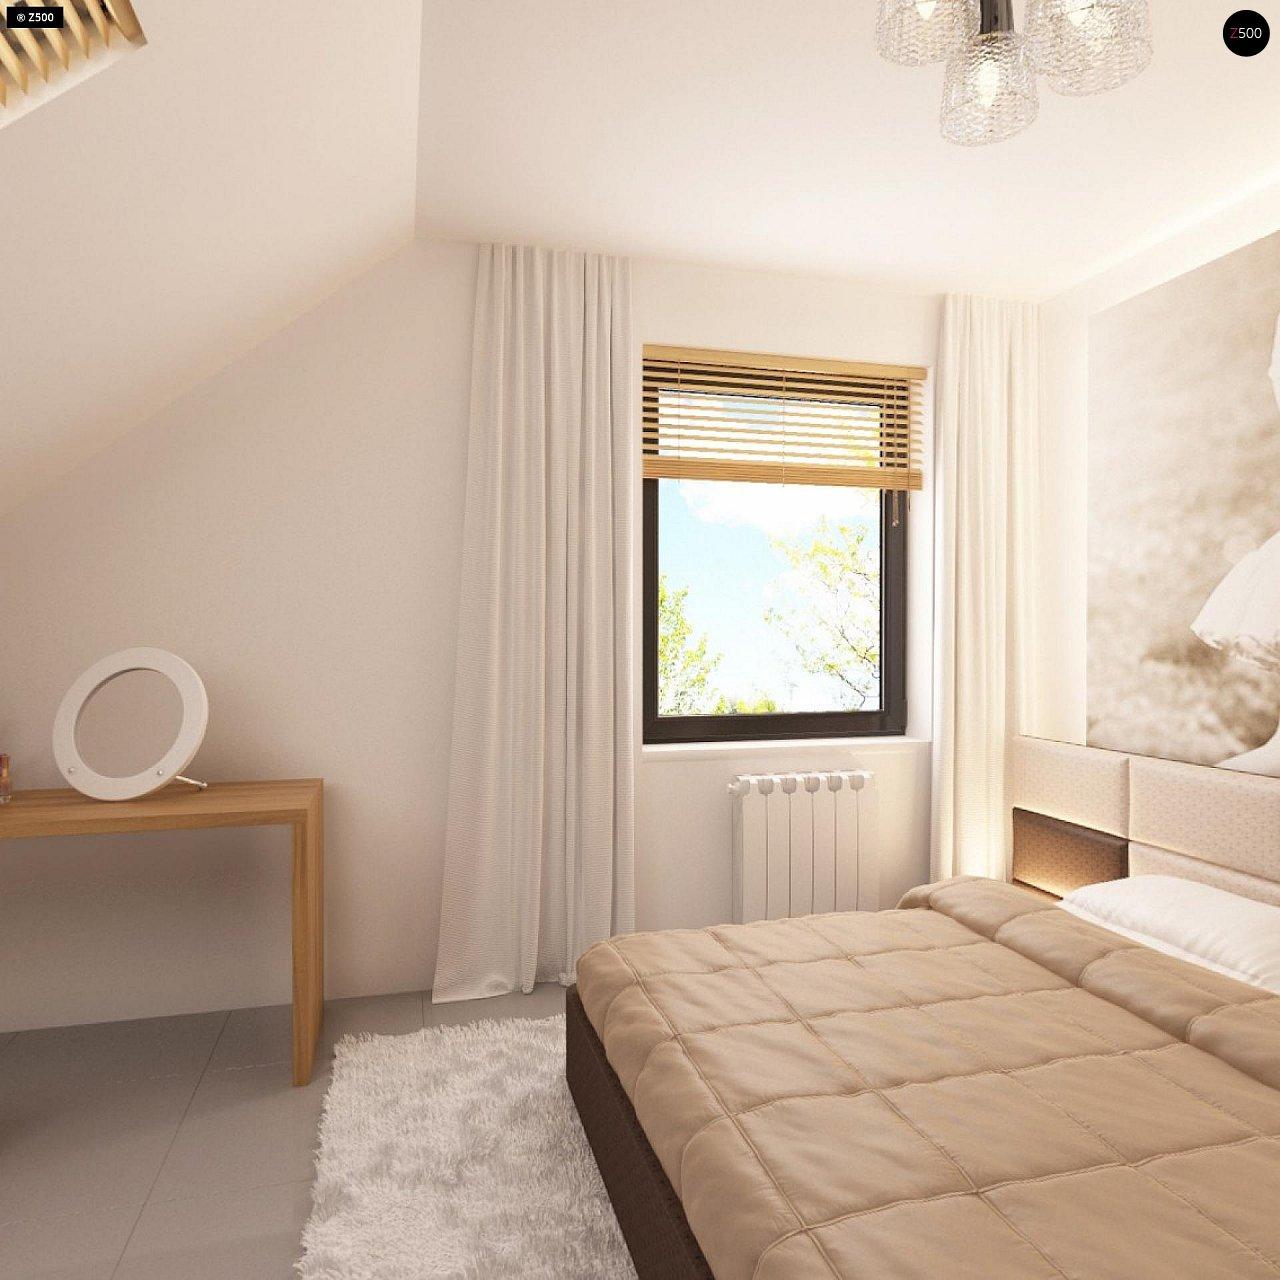 Проект функционального дома с эркером в столовой дополнительной спальней на первом этаже. 14